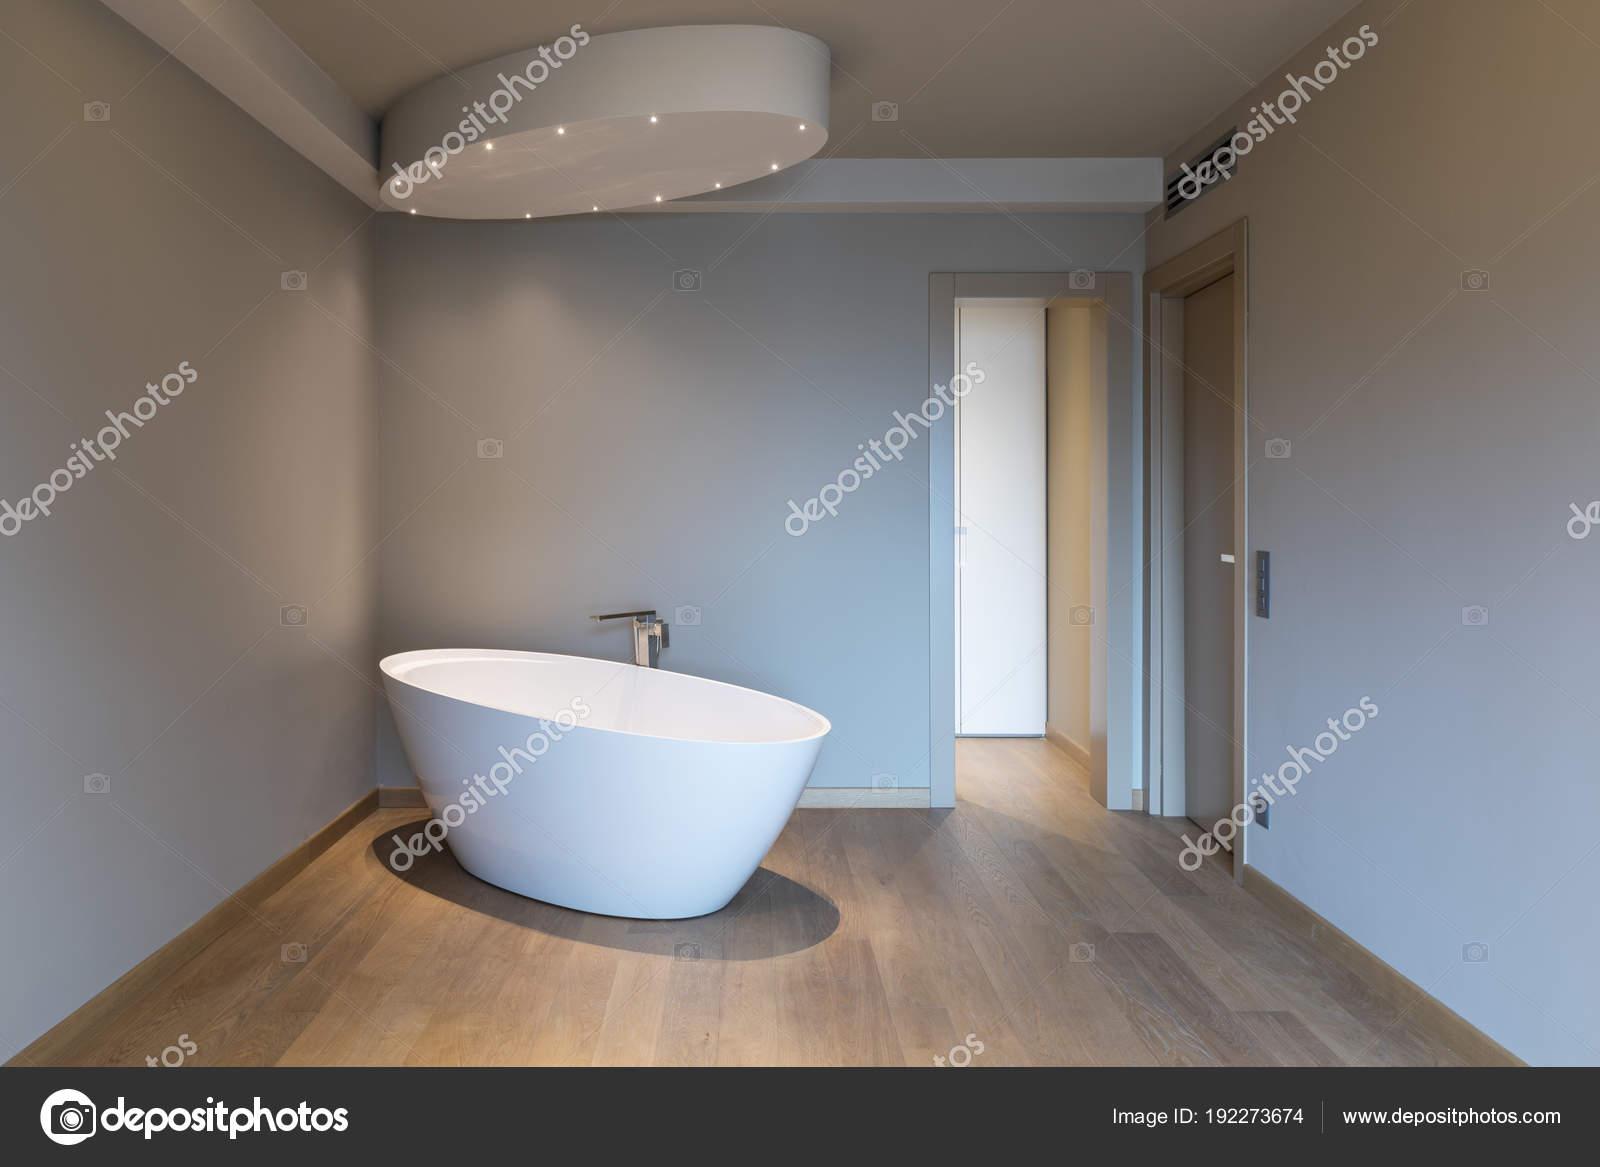 Vasca Da Bagno In Camera : Moderna camera da letto con vasca da bagno appartamento di lusso